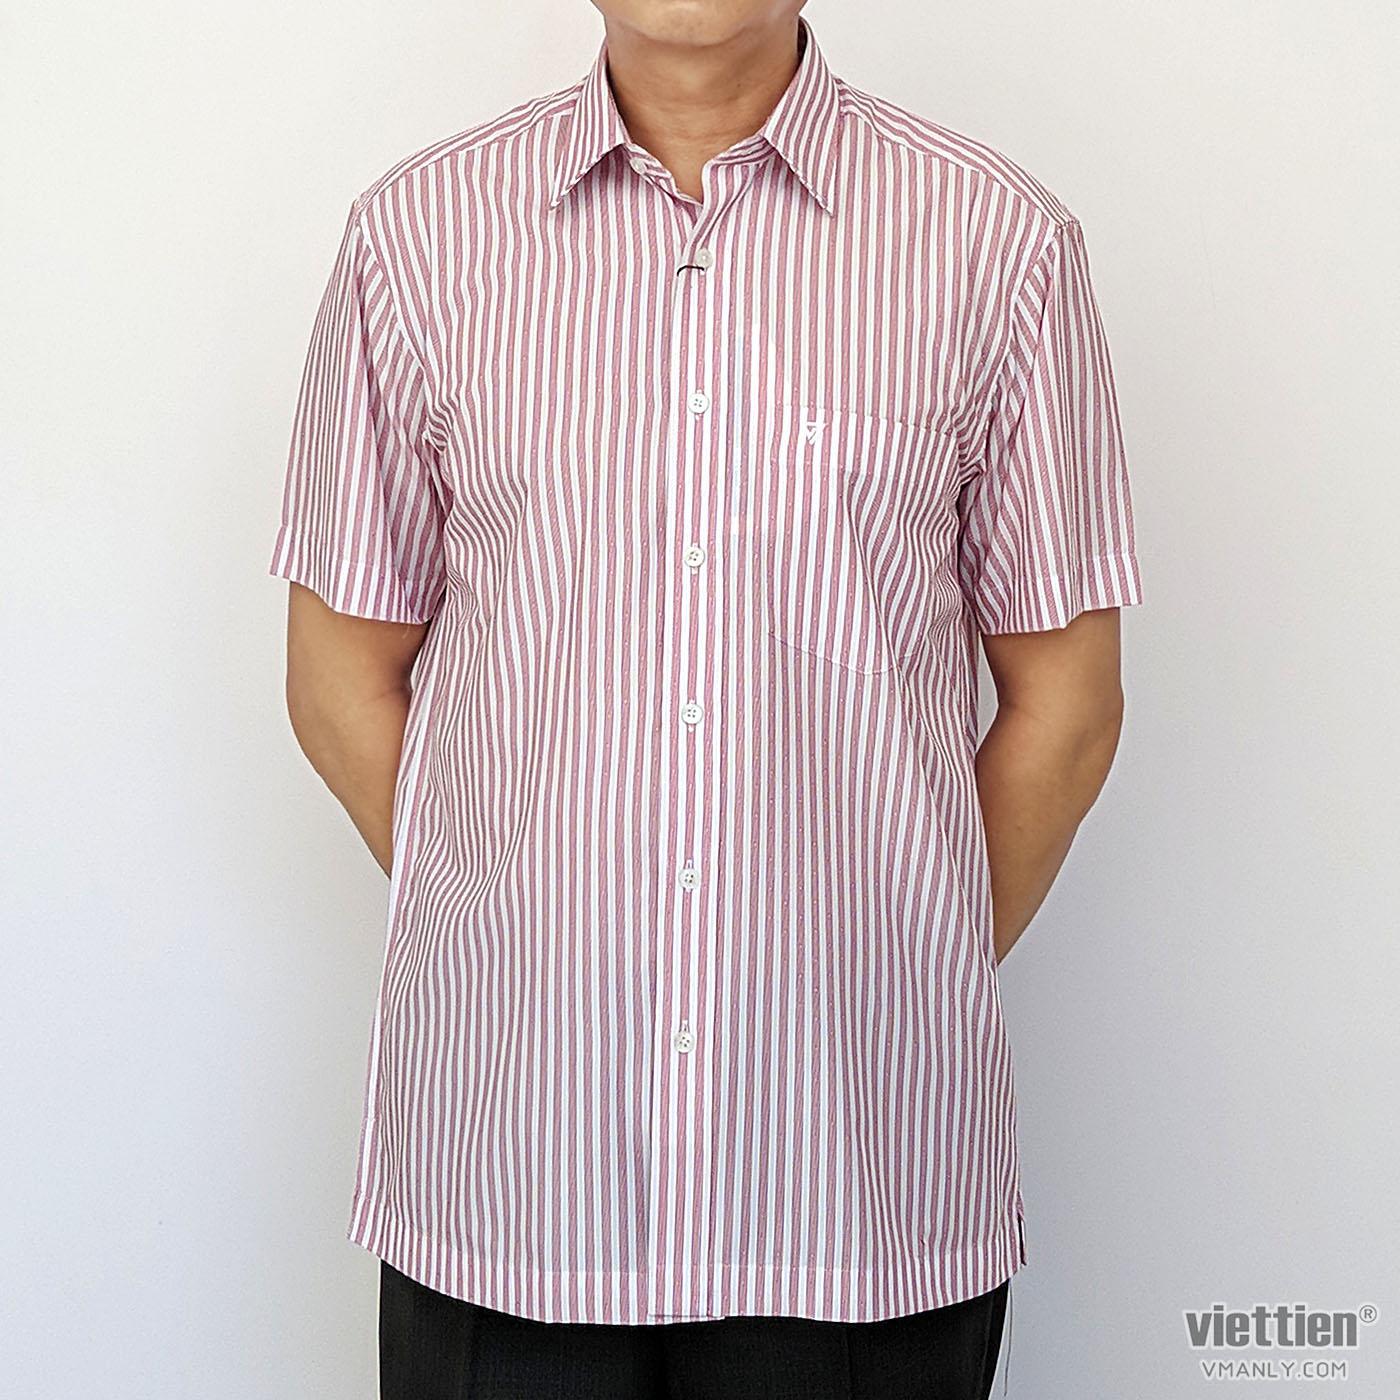 Áo sơ mi nam ngắn tay Việt Tiến màu trắng sọc đỏ 1N2326